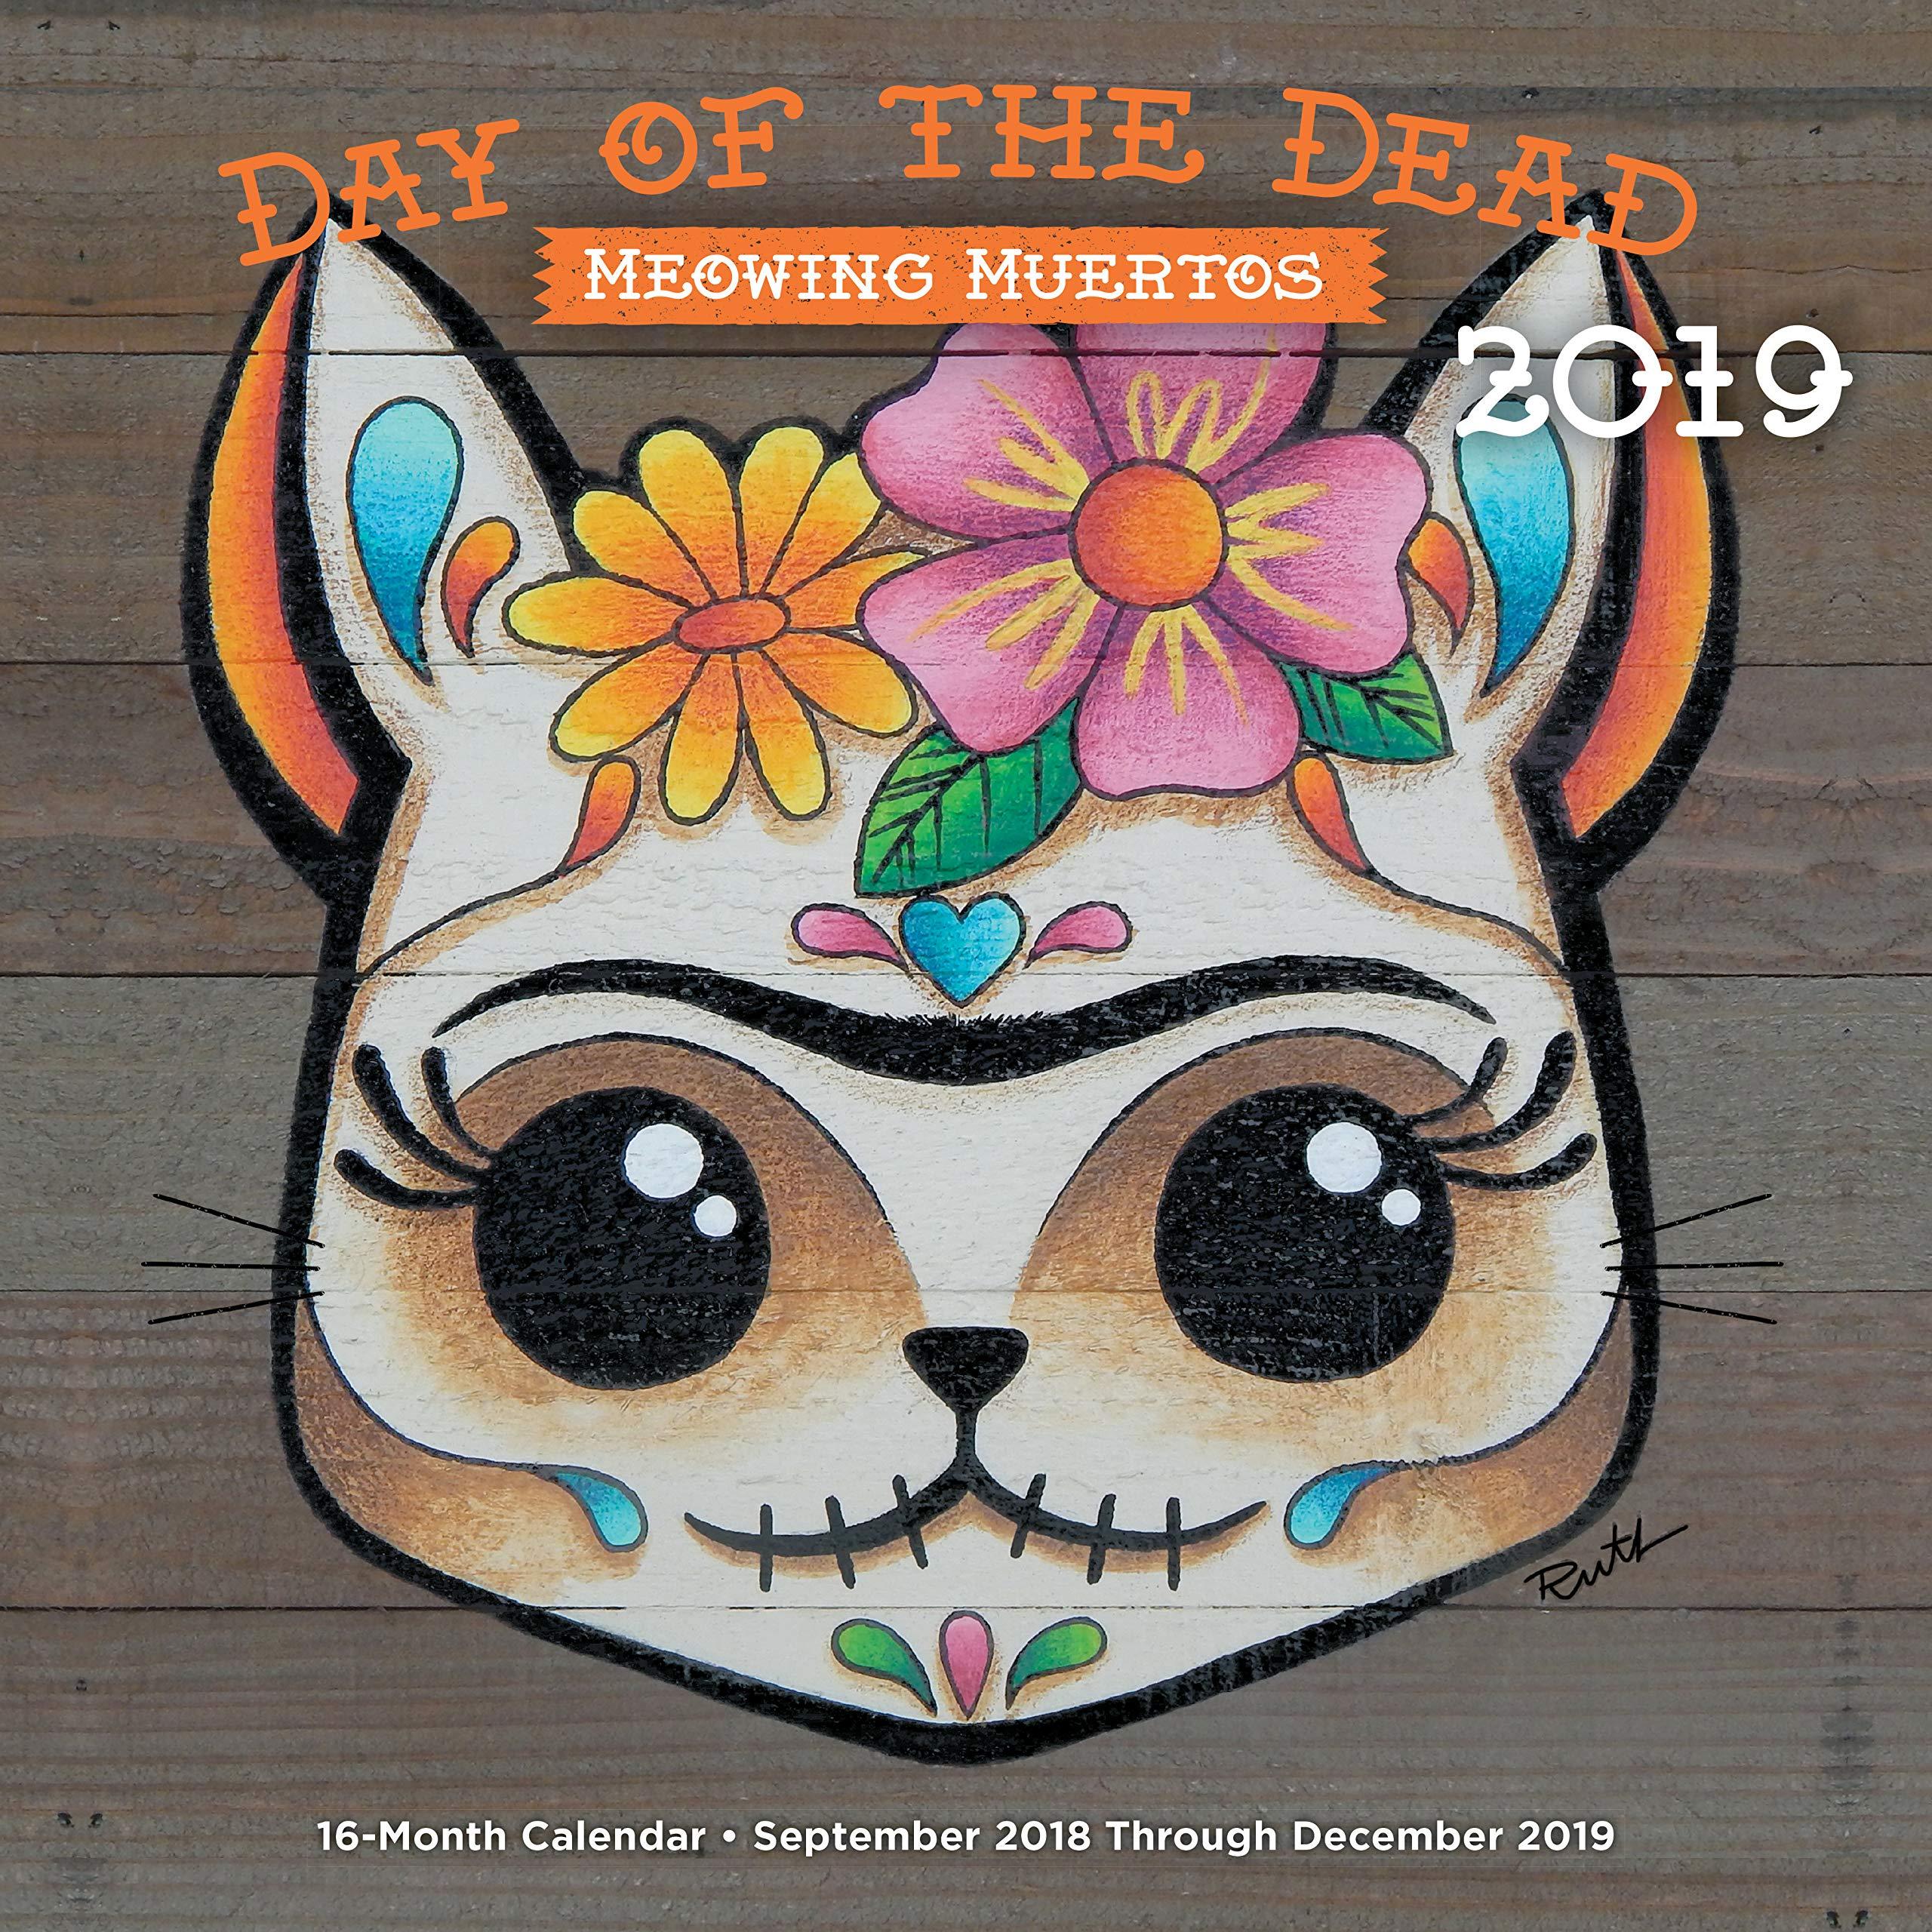 53c5e7a8c Day of the Dead: Meowing Muertos 2019: 16-Month Calendar - September 2018  through December 2019 Calendar – Wall Calendar, July 31, 2018